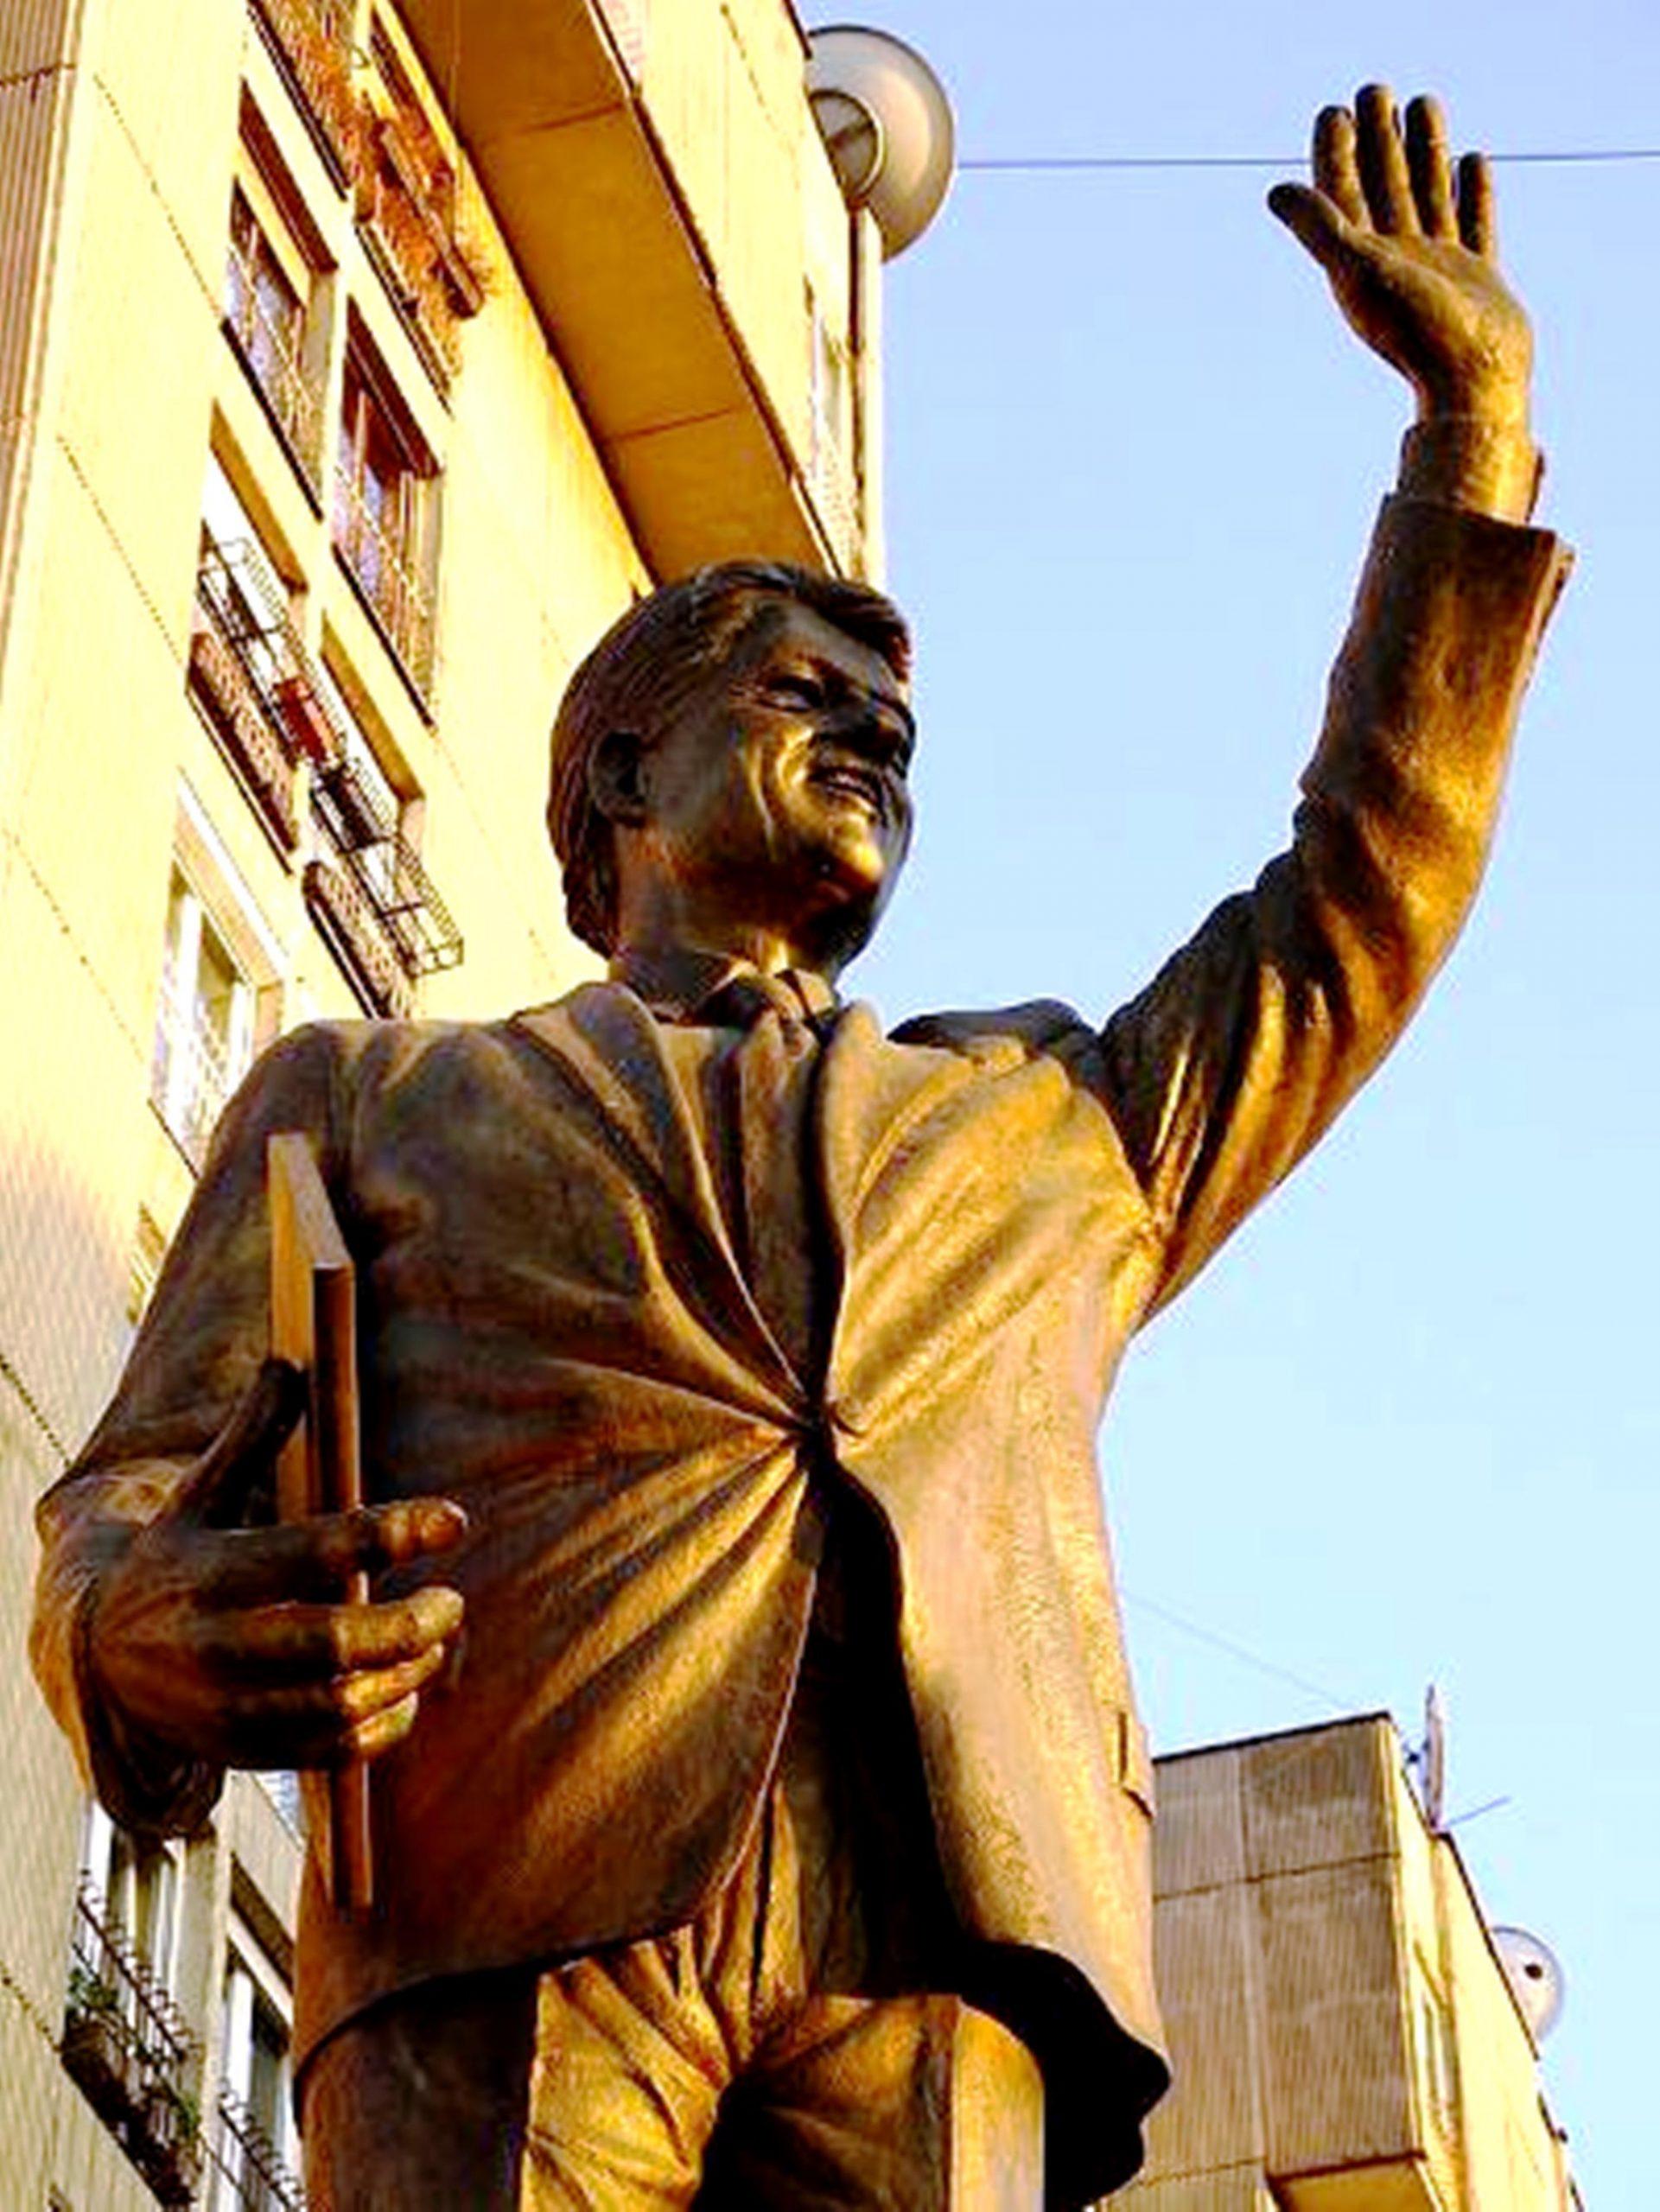 Τις Κακουργίες του Μπιλ Κλίντον στην Σερβία Εκθέτει Νέο Κατηγορητήριο.